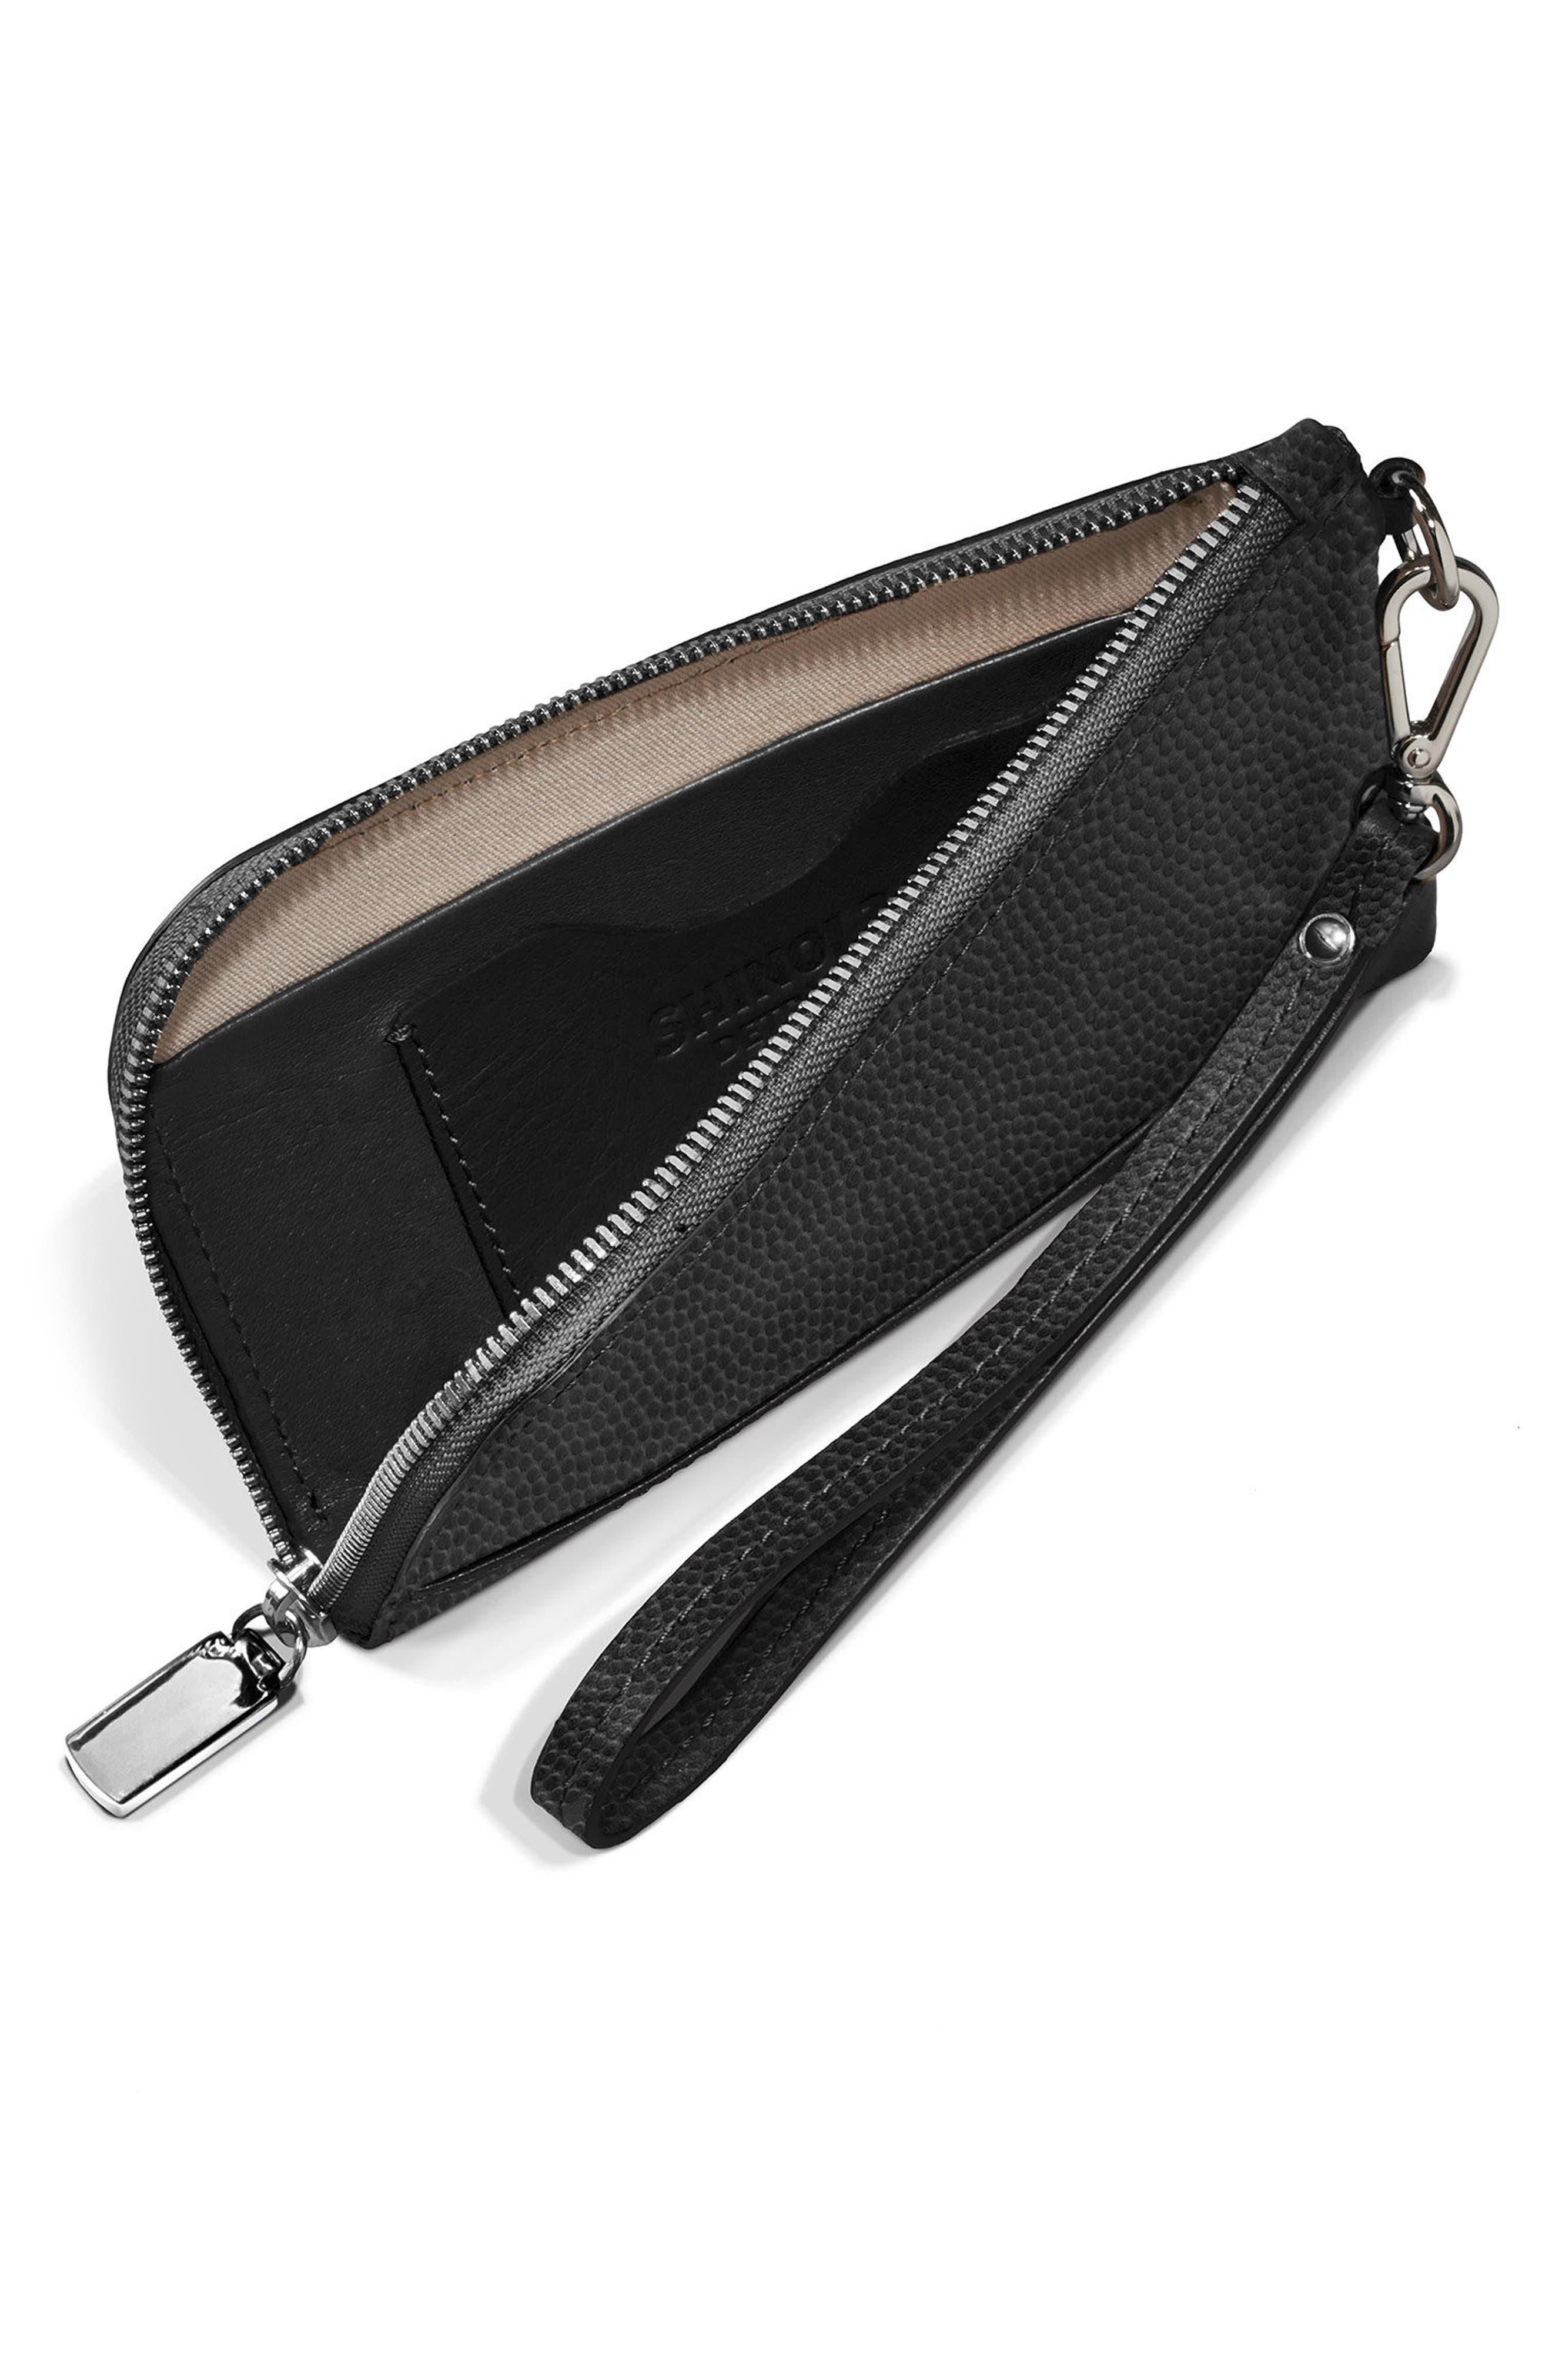 Latigo Leather Wristlet,                             Alternate thumbnail 3, color,                             001